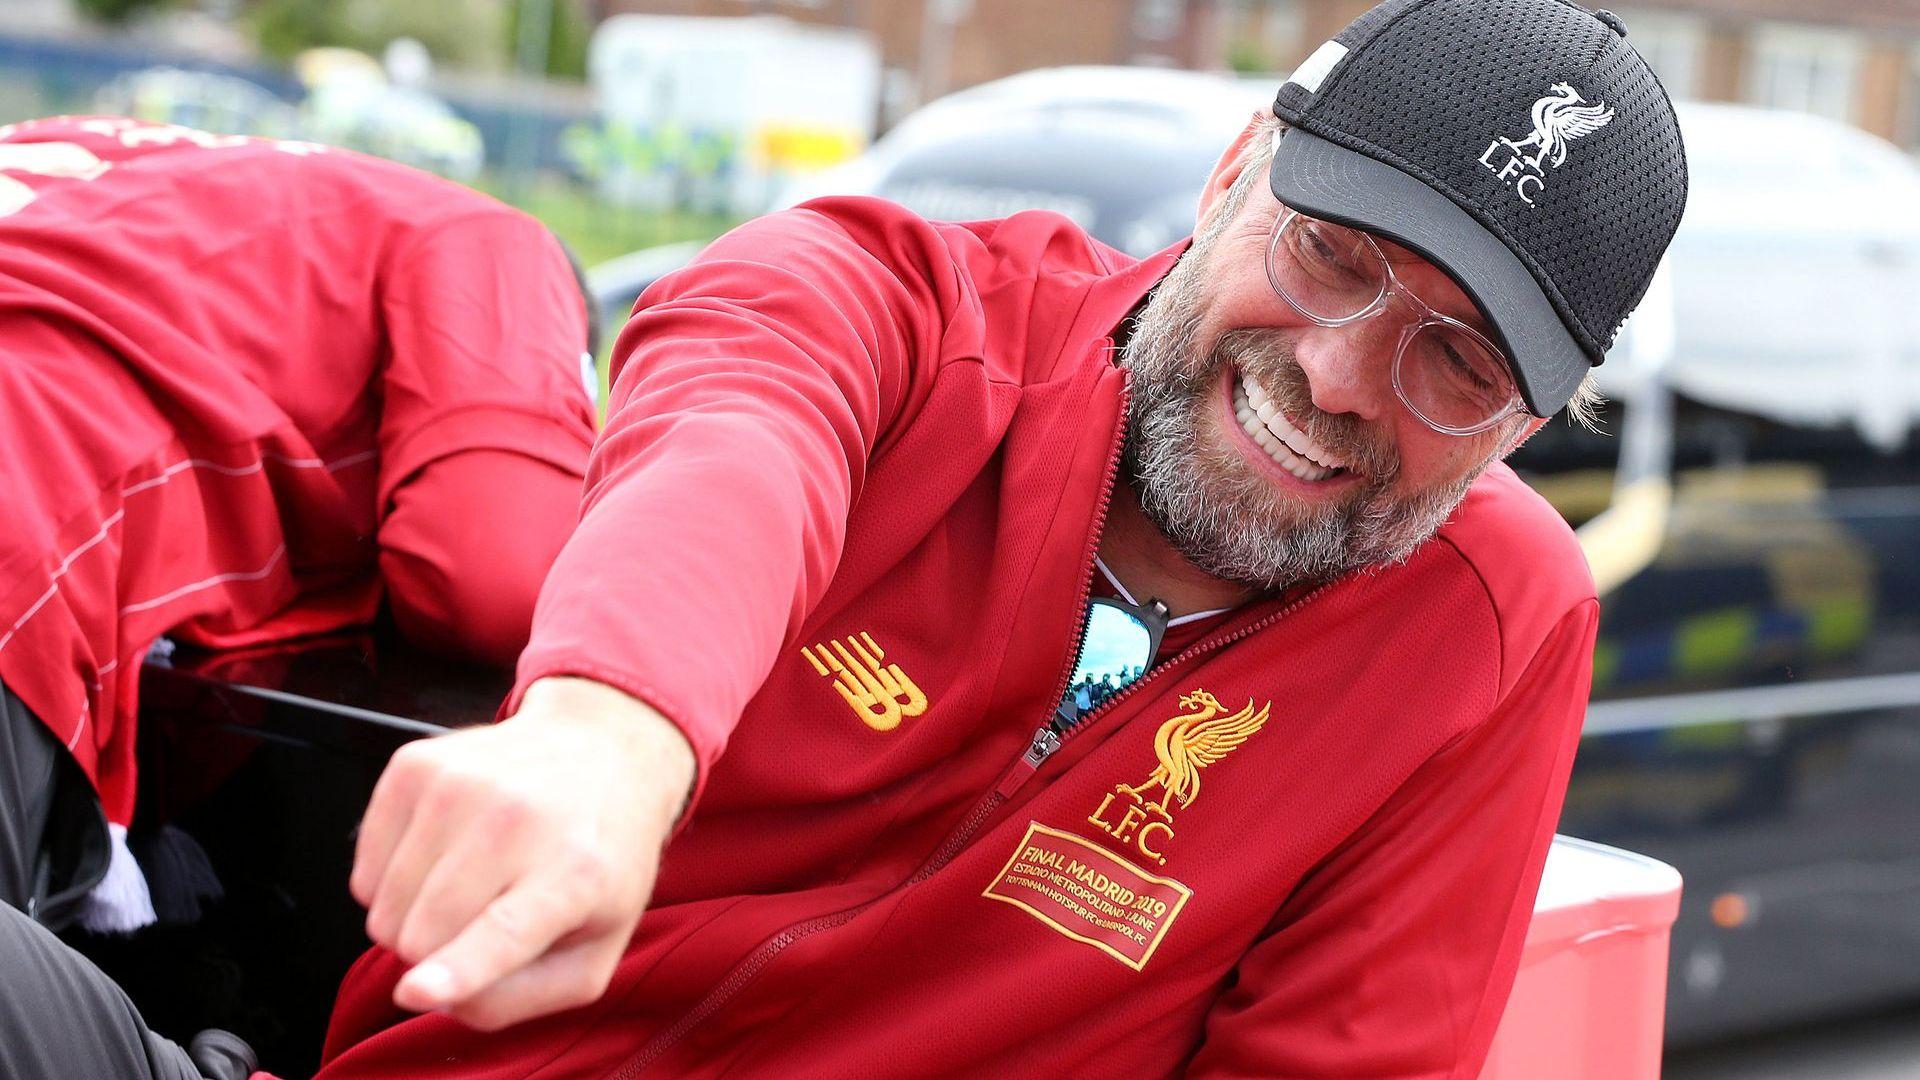 Ливърпул награждава Клоп с увеличаване на заплатата